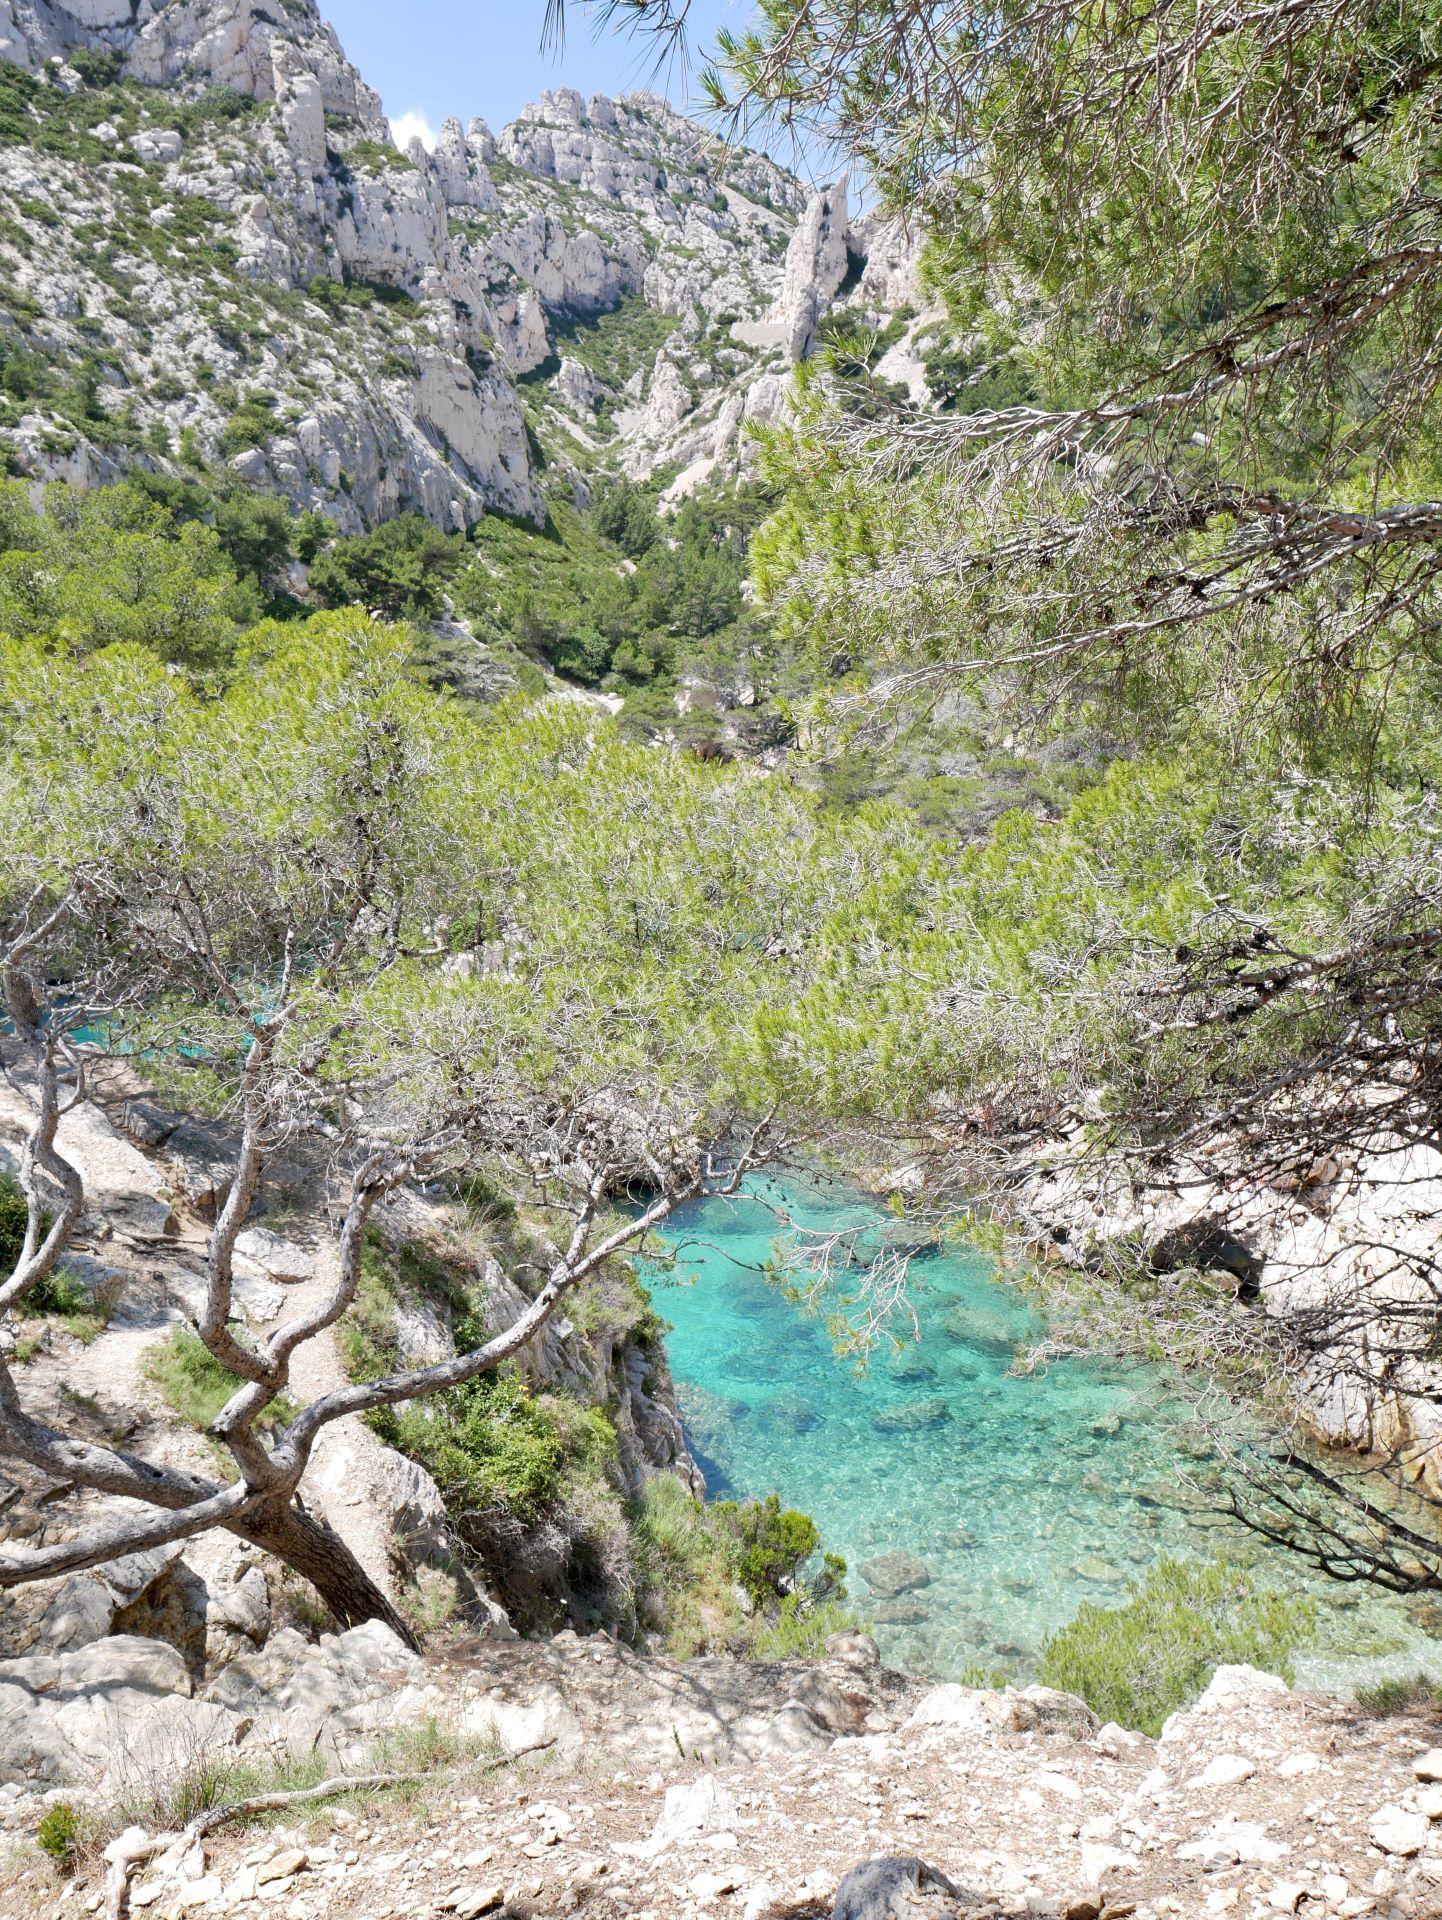 Calanque de Sugiton et son eau turquoise